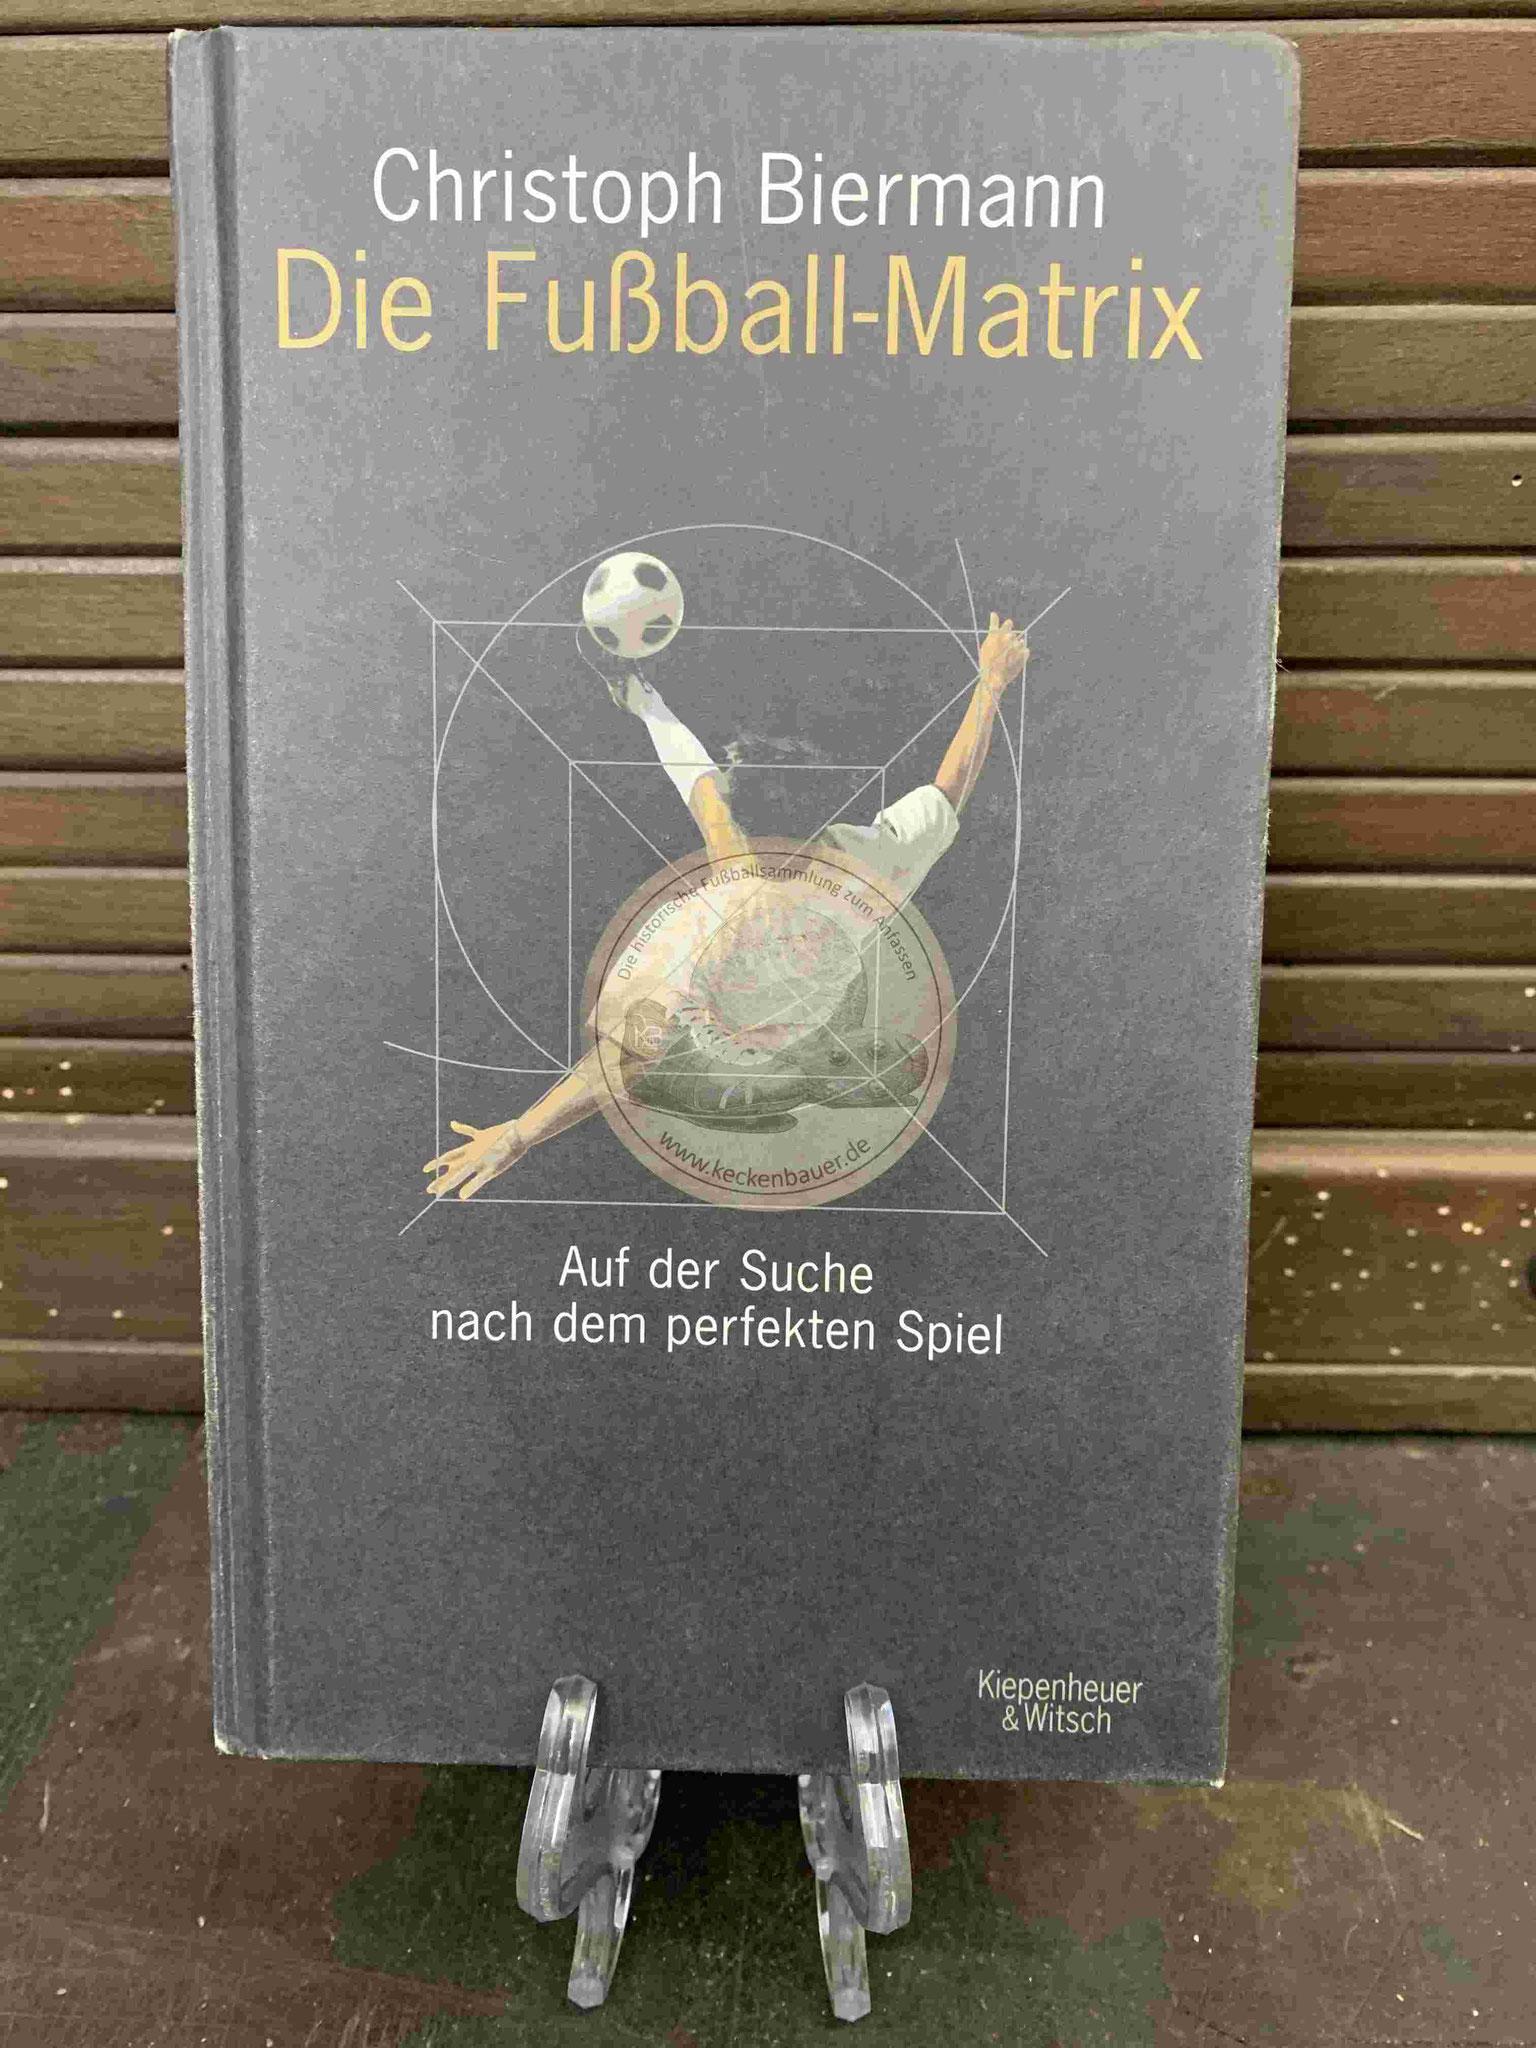 Christoph Biermann Die Fußball-Matrix aus dem Jahr 2009